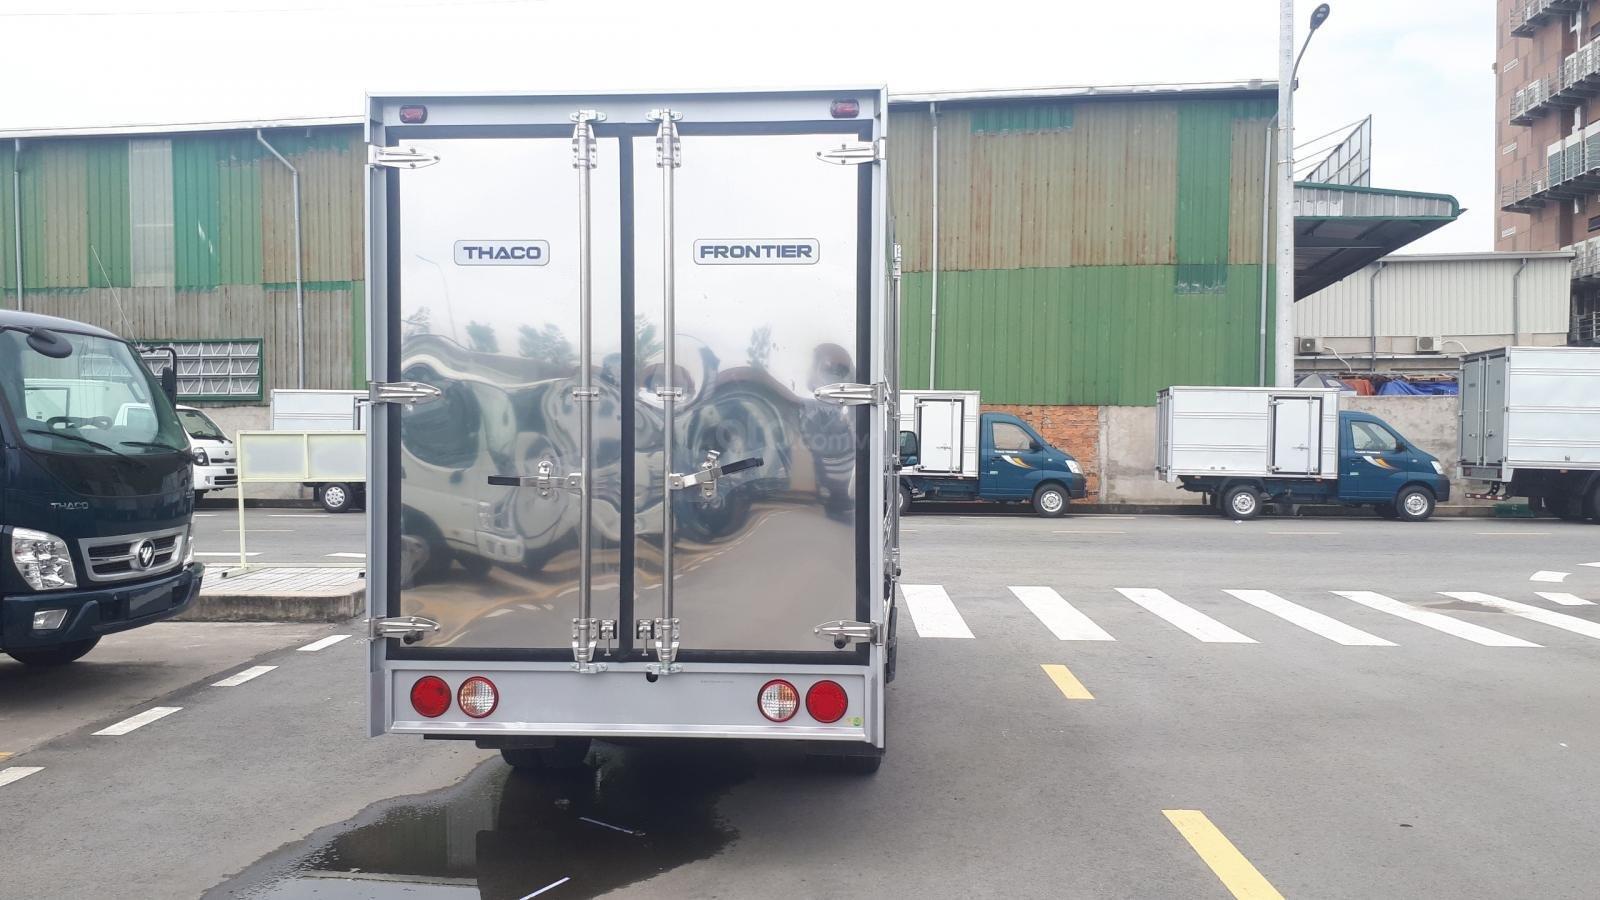 Giá xe tải 1.4 tấn - 2.4 tấn - trả góp - LH em 0938380032 (4)